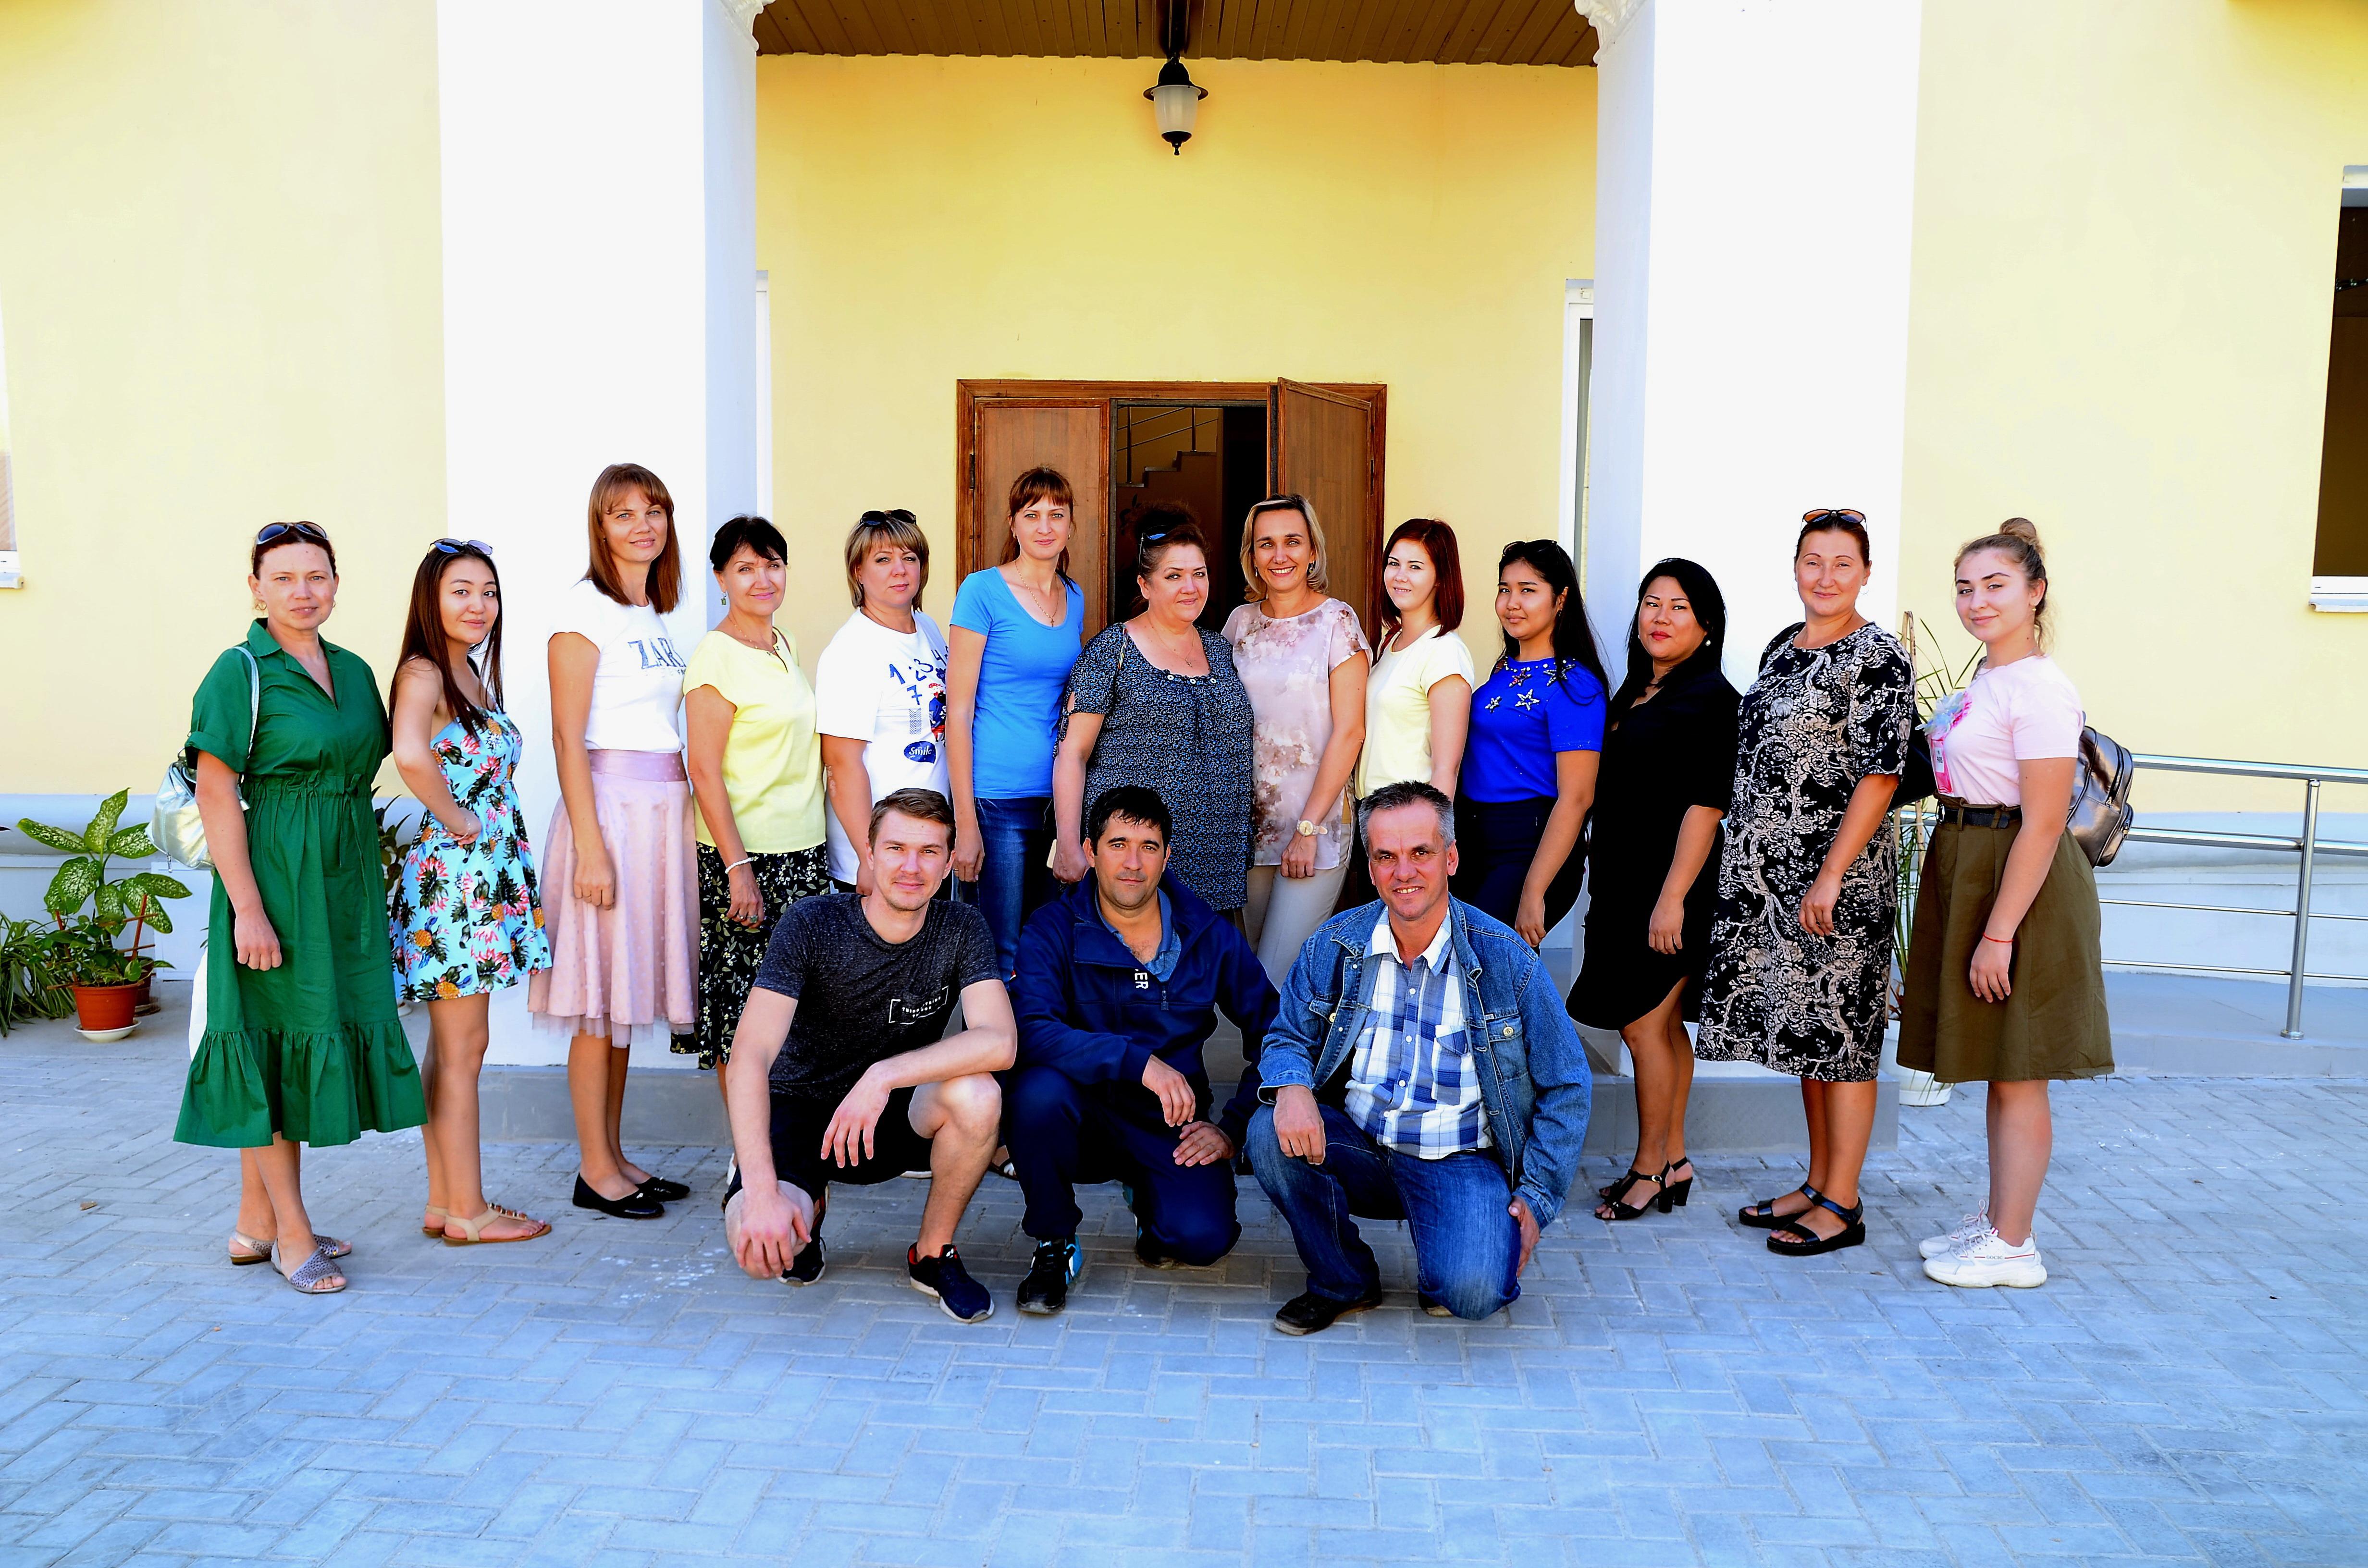 В Астрахани  состоялся  мастер-класс по вокалу для руководителей казачьих самодеятельных коллективов